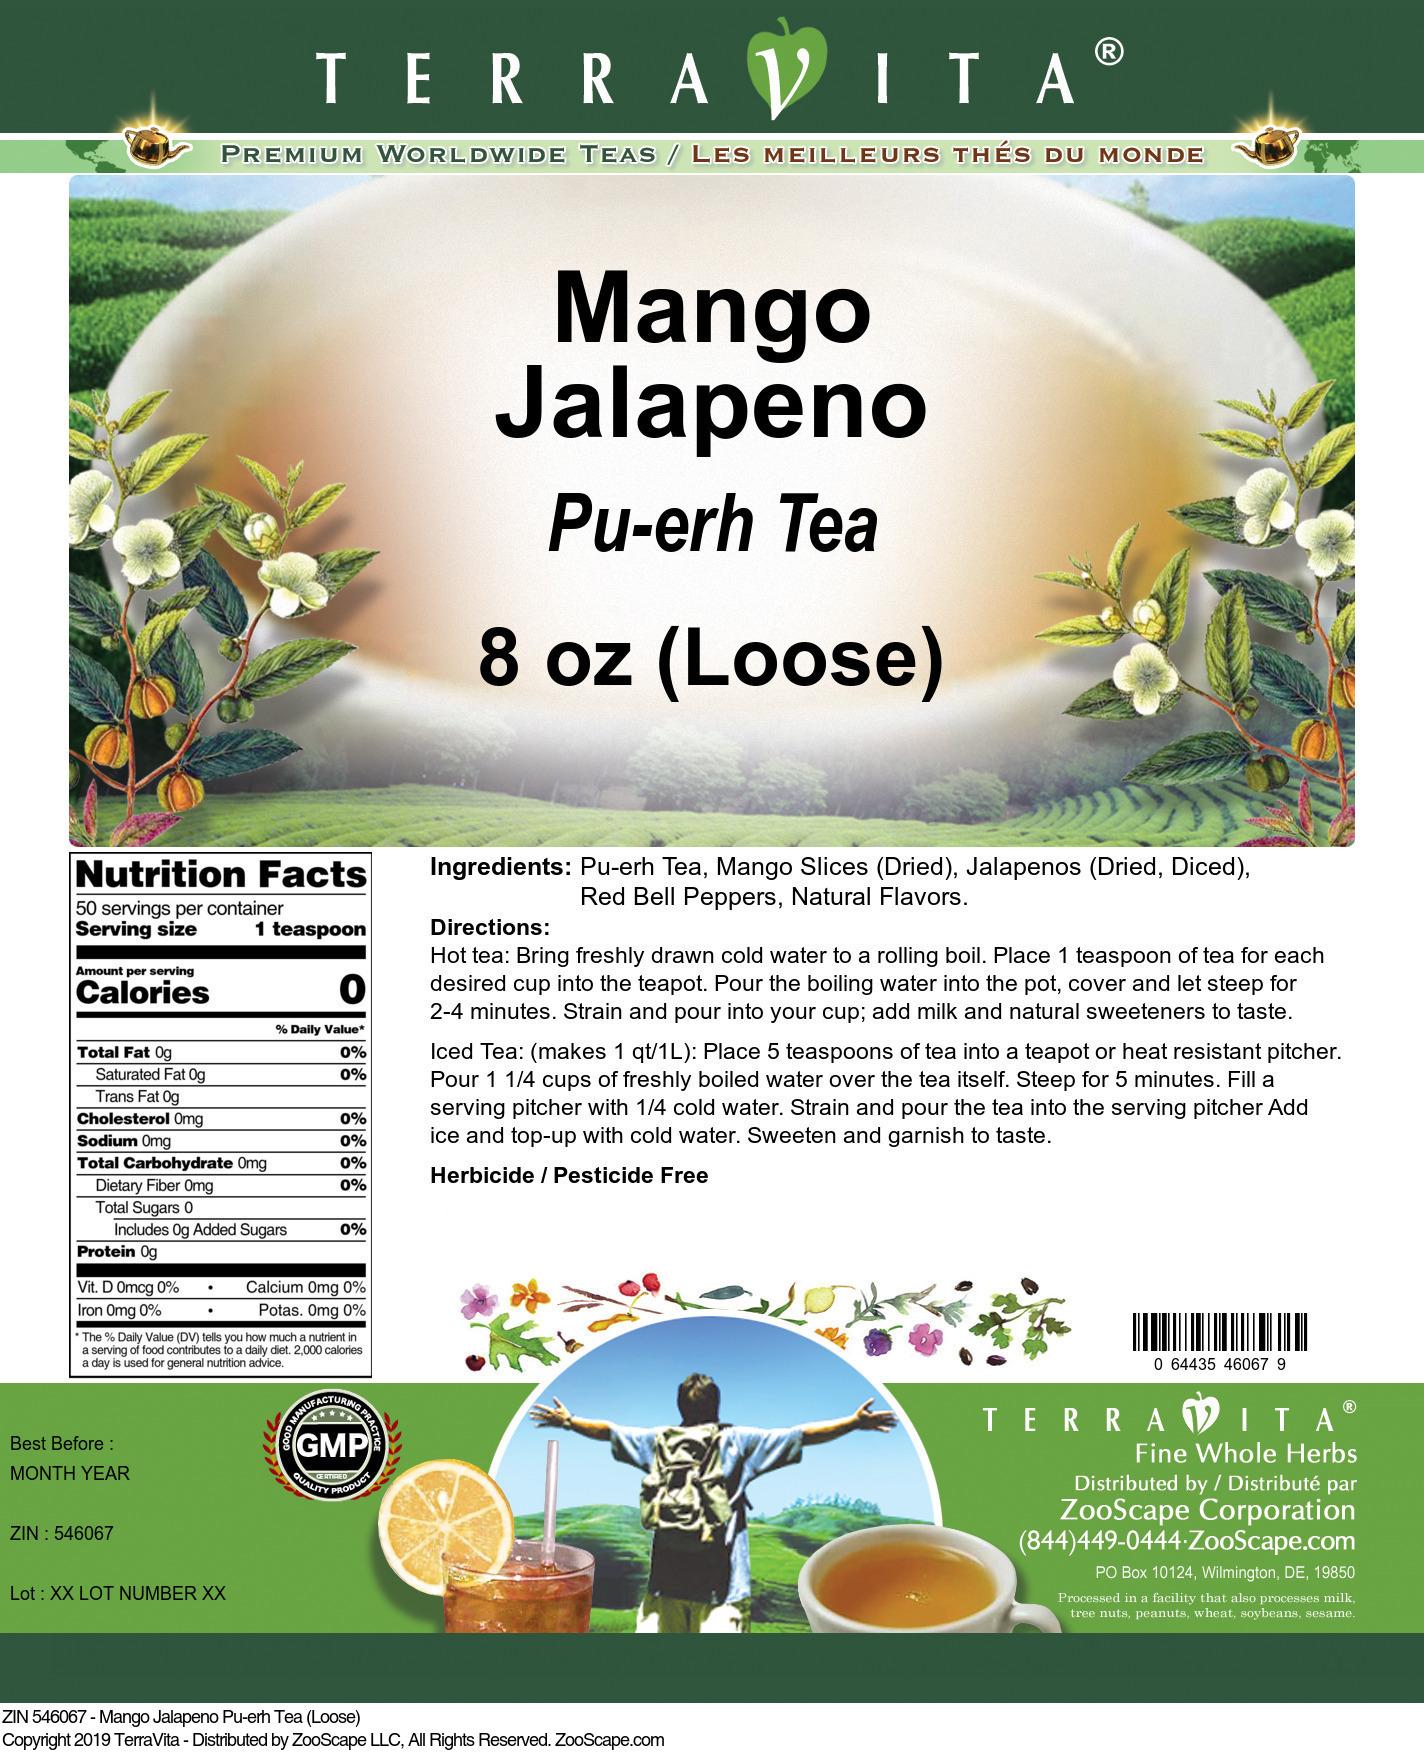 Mango Jalapeno Pu-erh Tea (Loose)